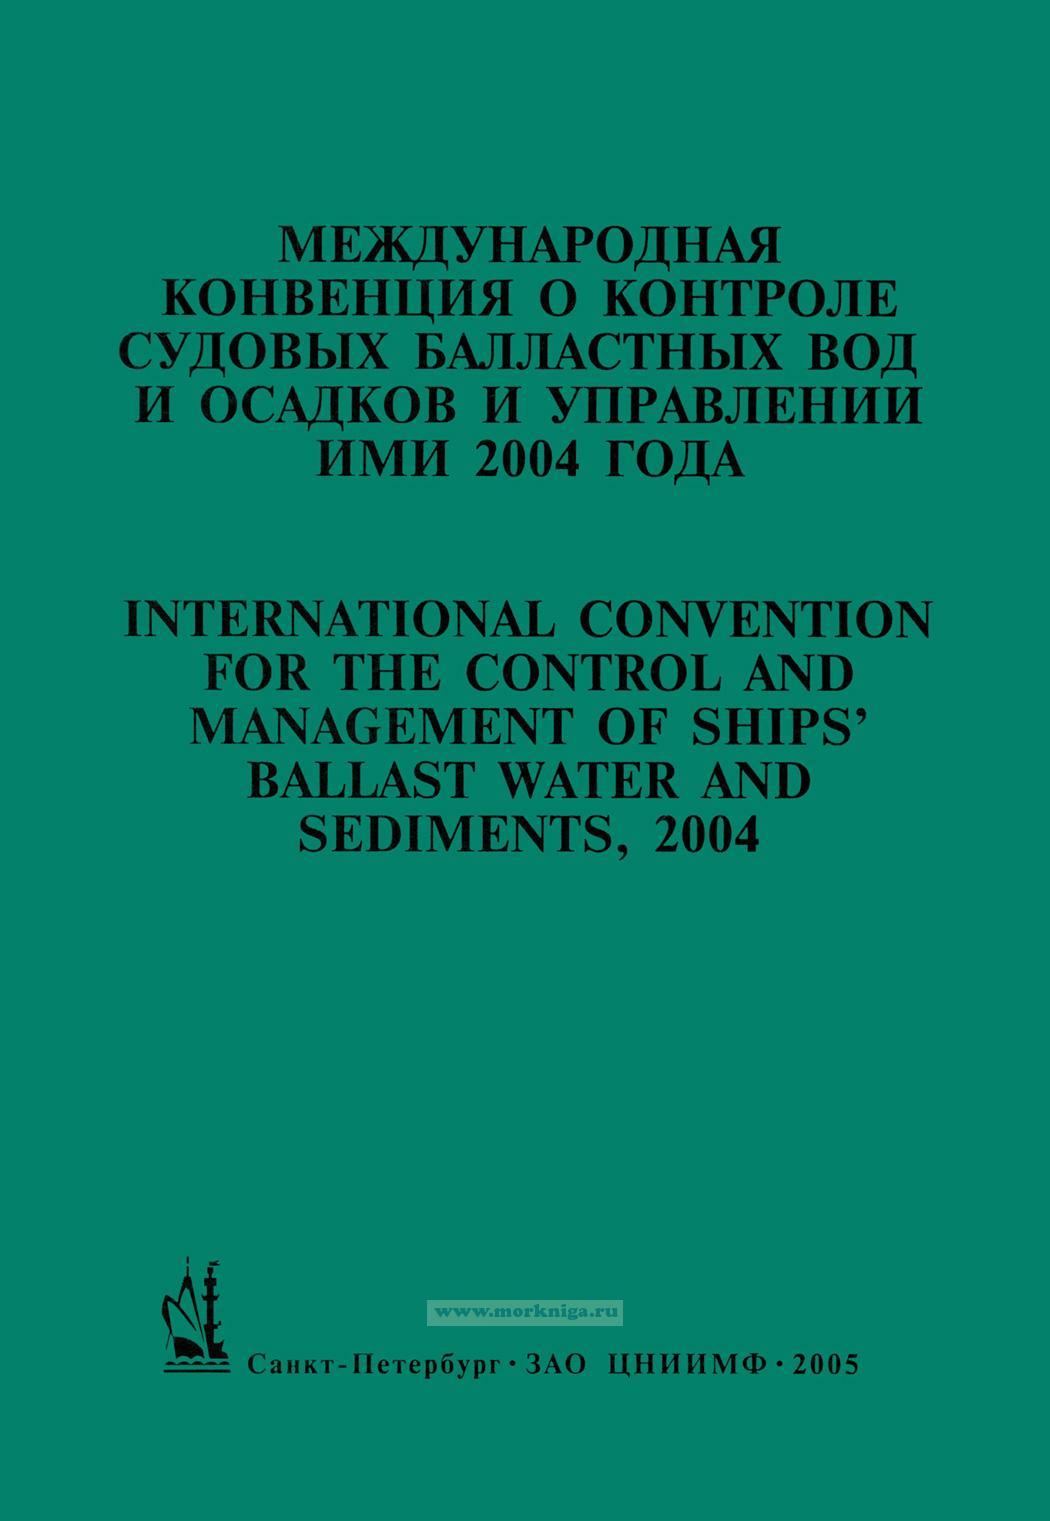 Международная конвенция о контроле судовых балластных вод и осадков и управлении ими 2004 года